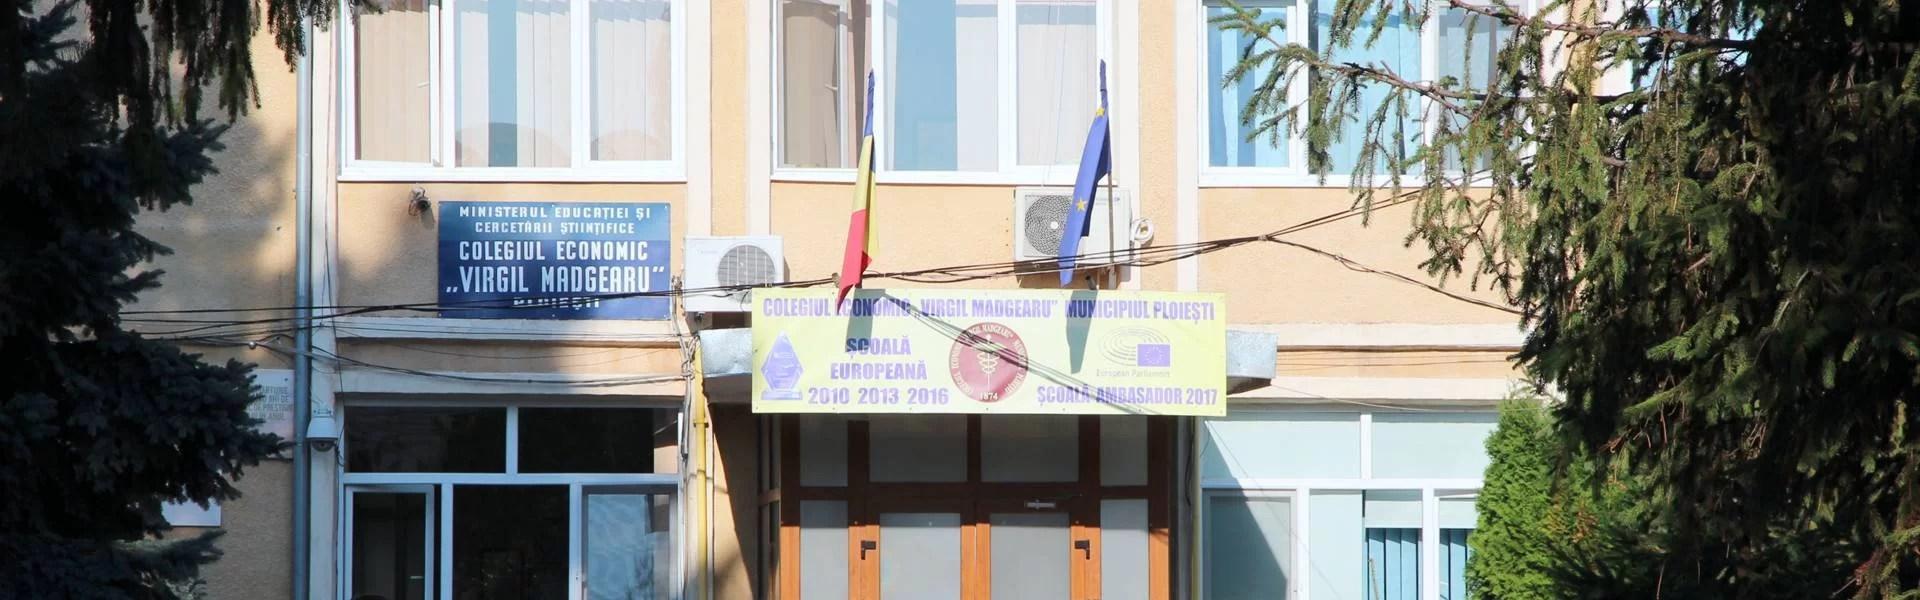 """Colegiul Economic """"Virgil Madgearu"""" îşi deschide porţile de Ziua Naţională a Meseriilor"""